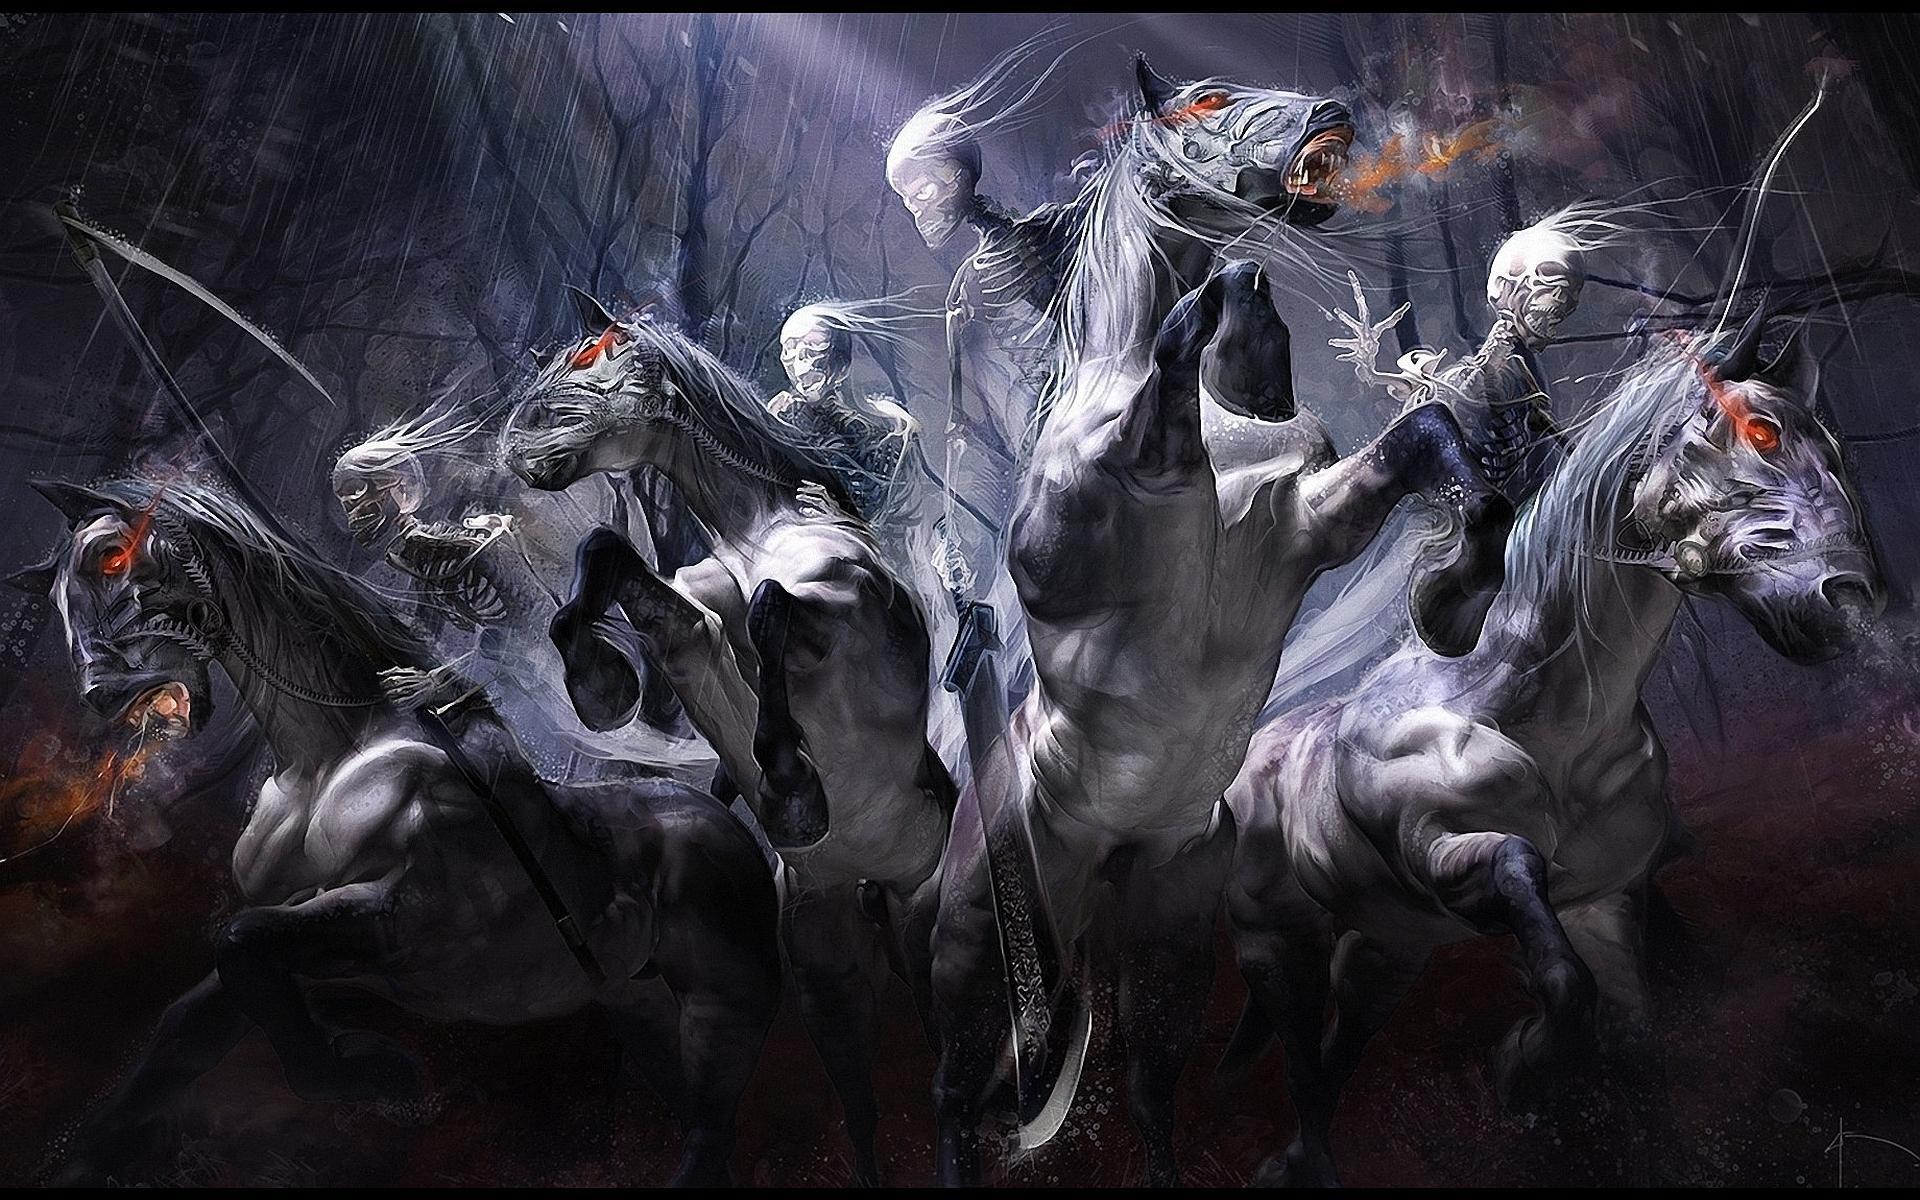 four horsemen of the apocalypse wallpaper darksiders hd wallpaper